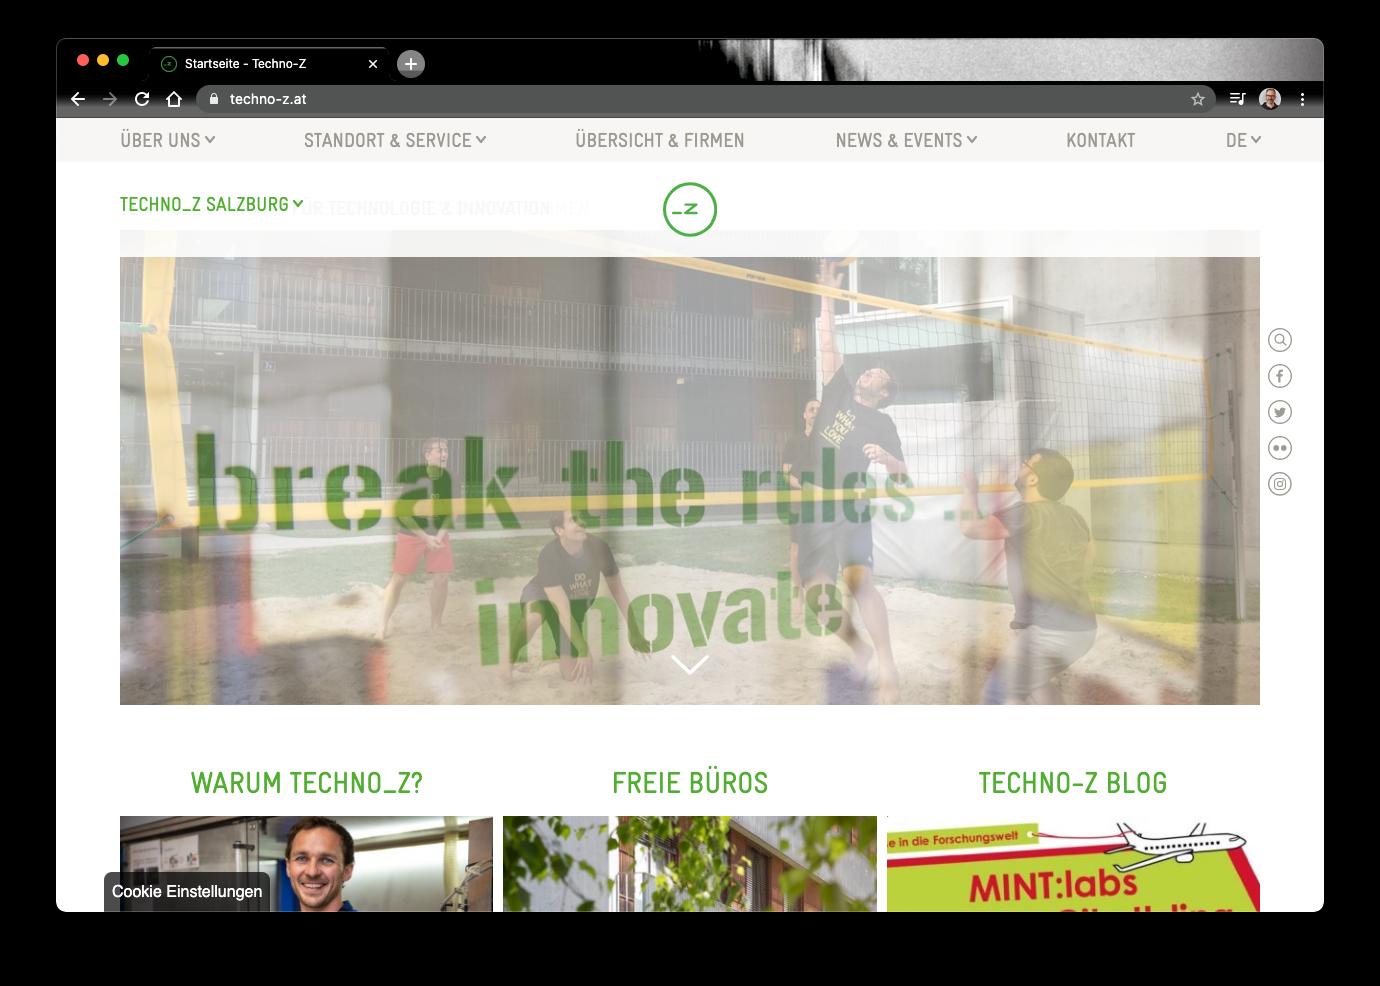 Techno-Z Salzburg Oesterreich Startups